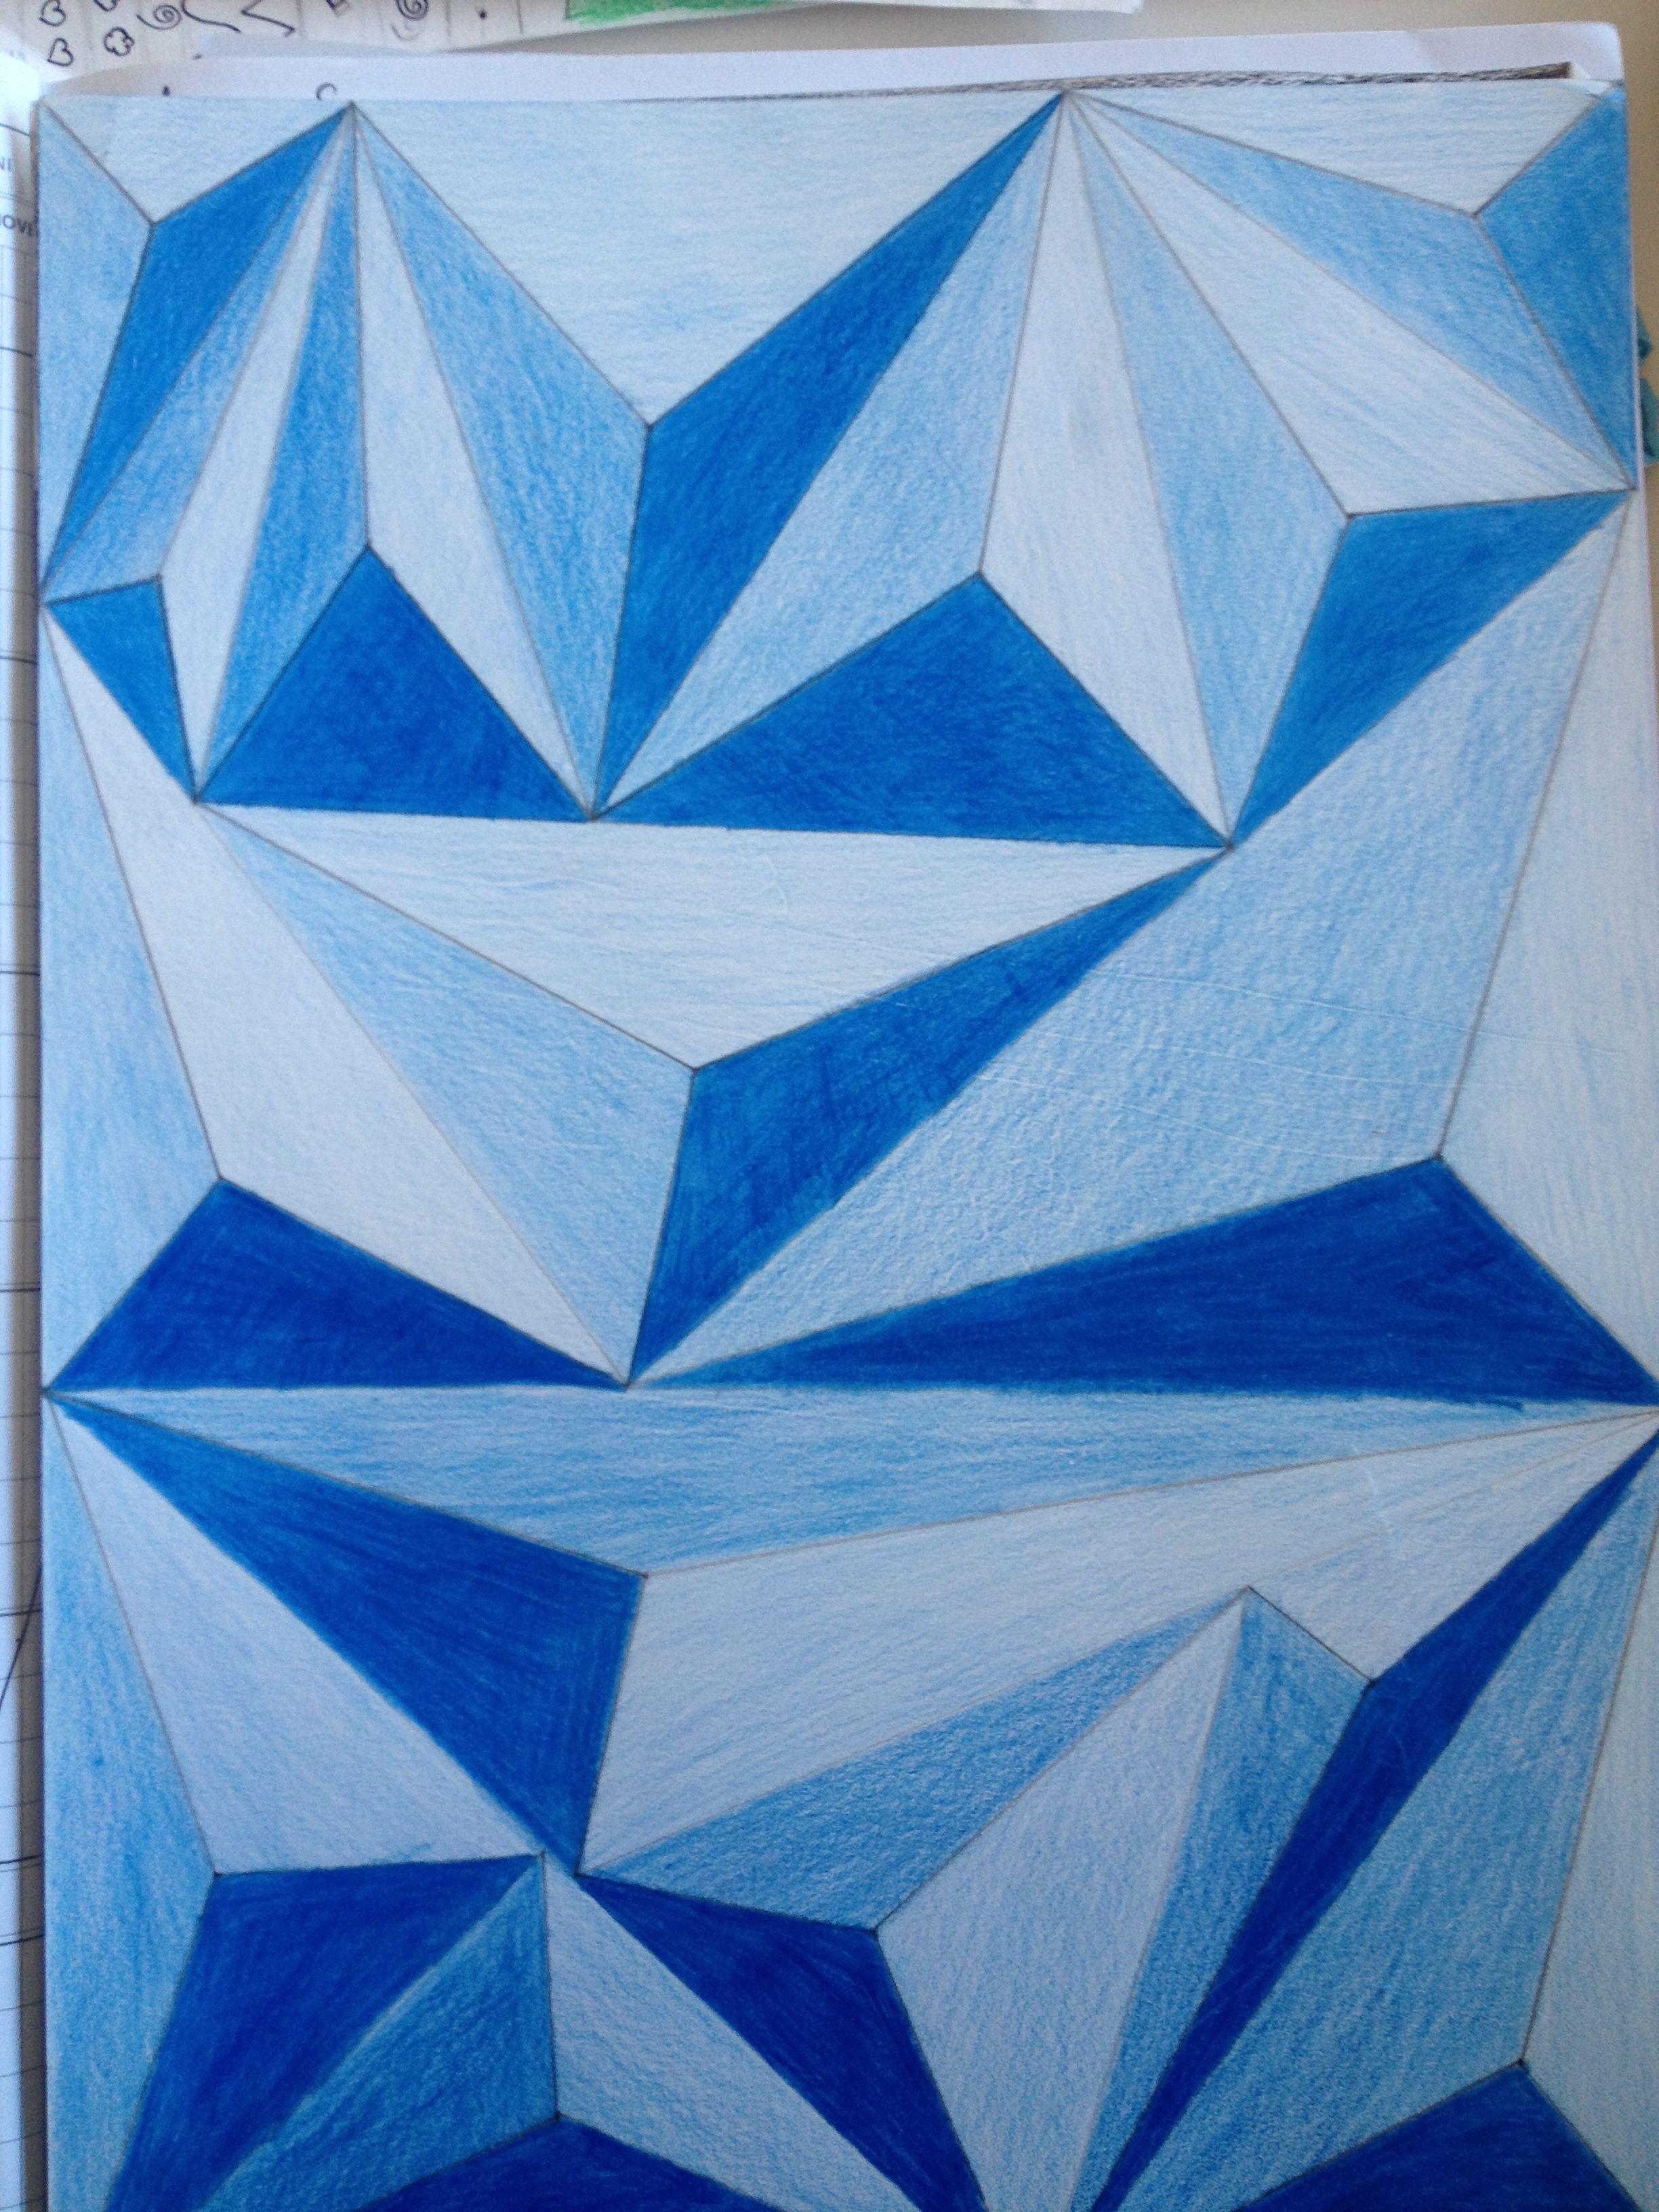 Blue Triangles Op Art